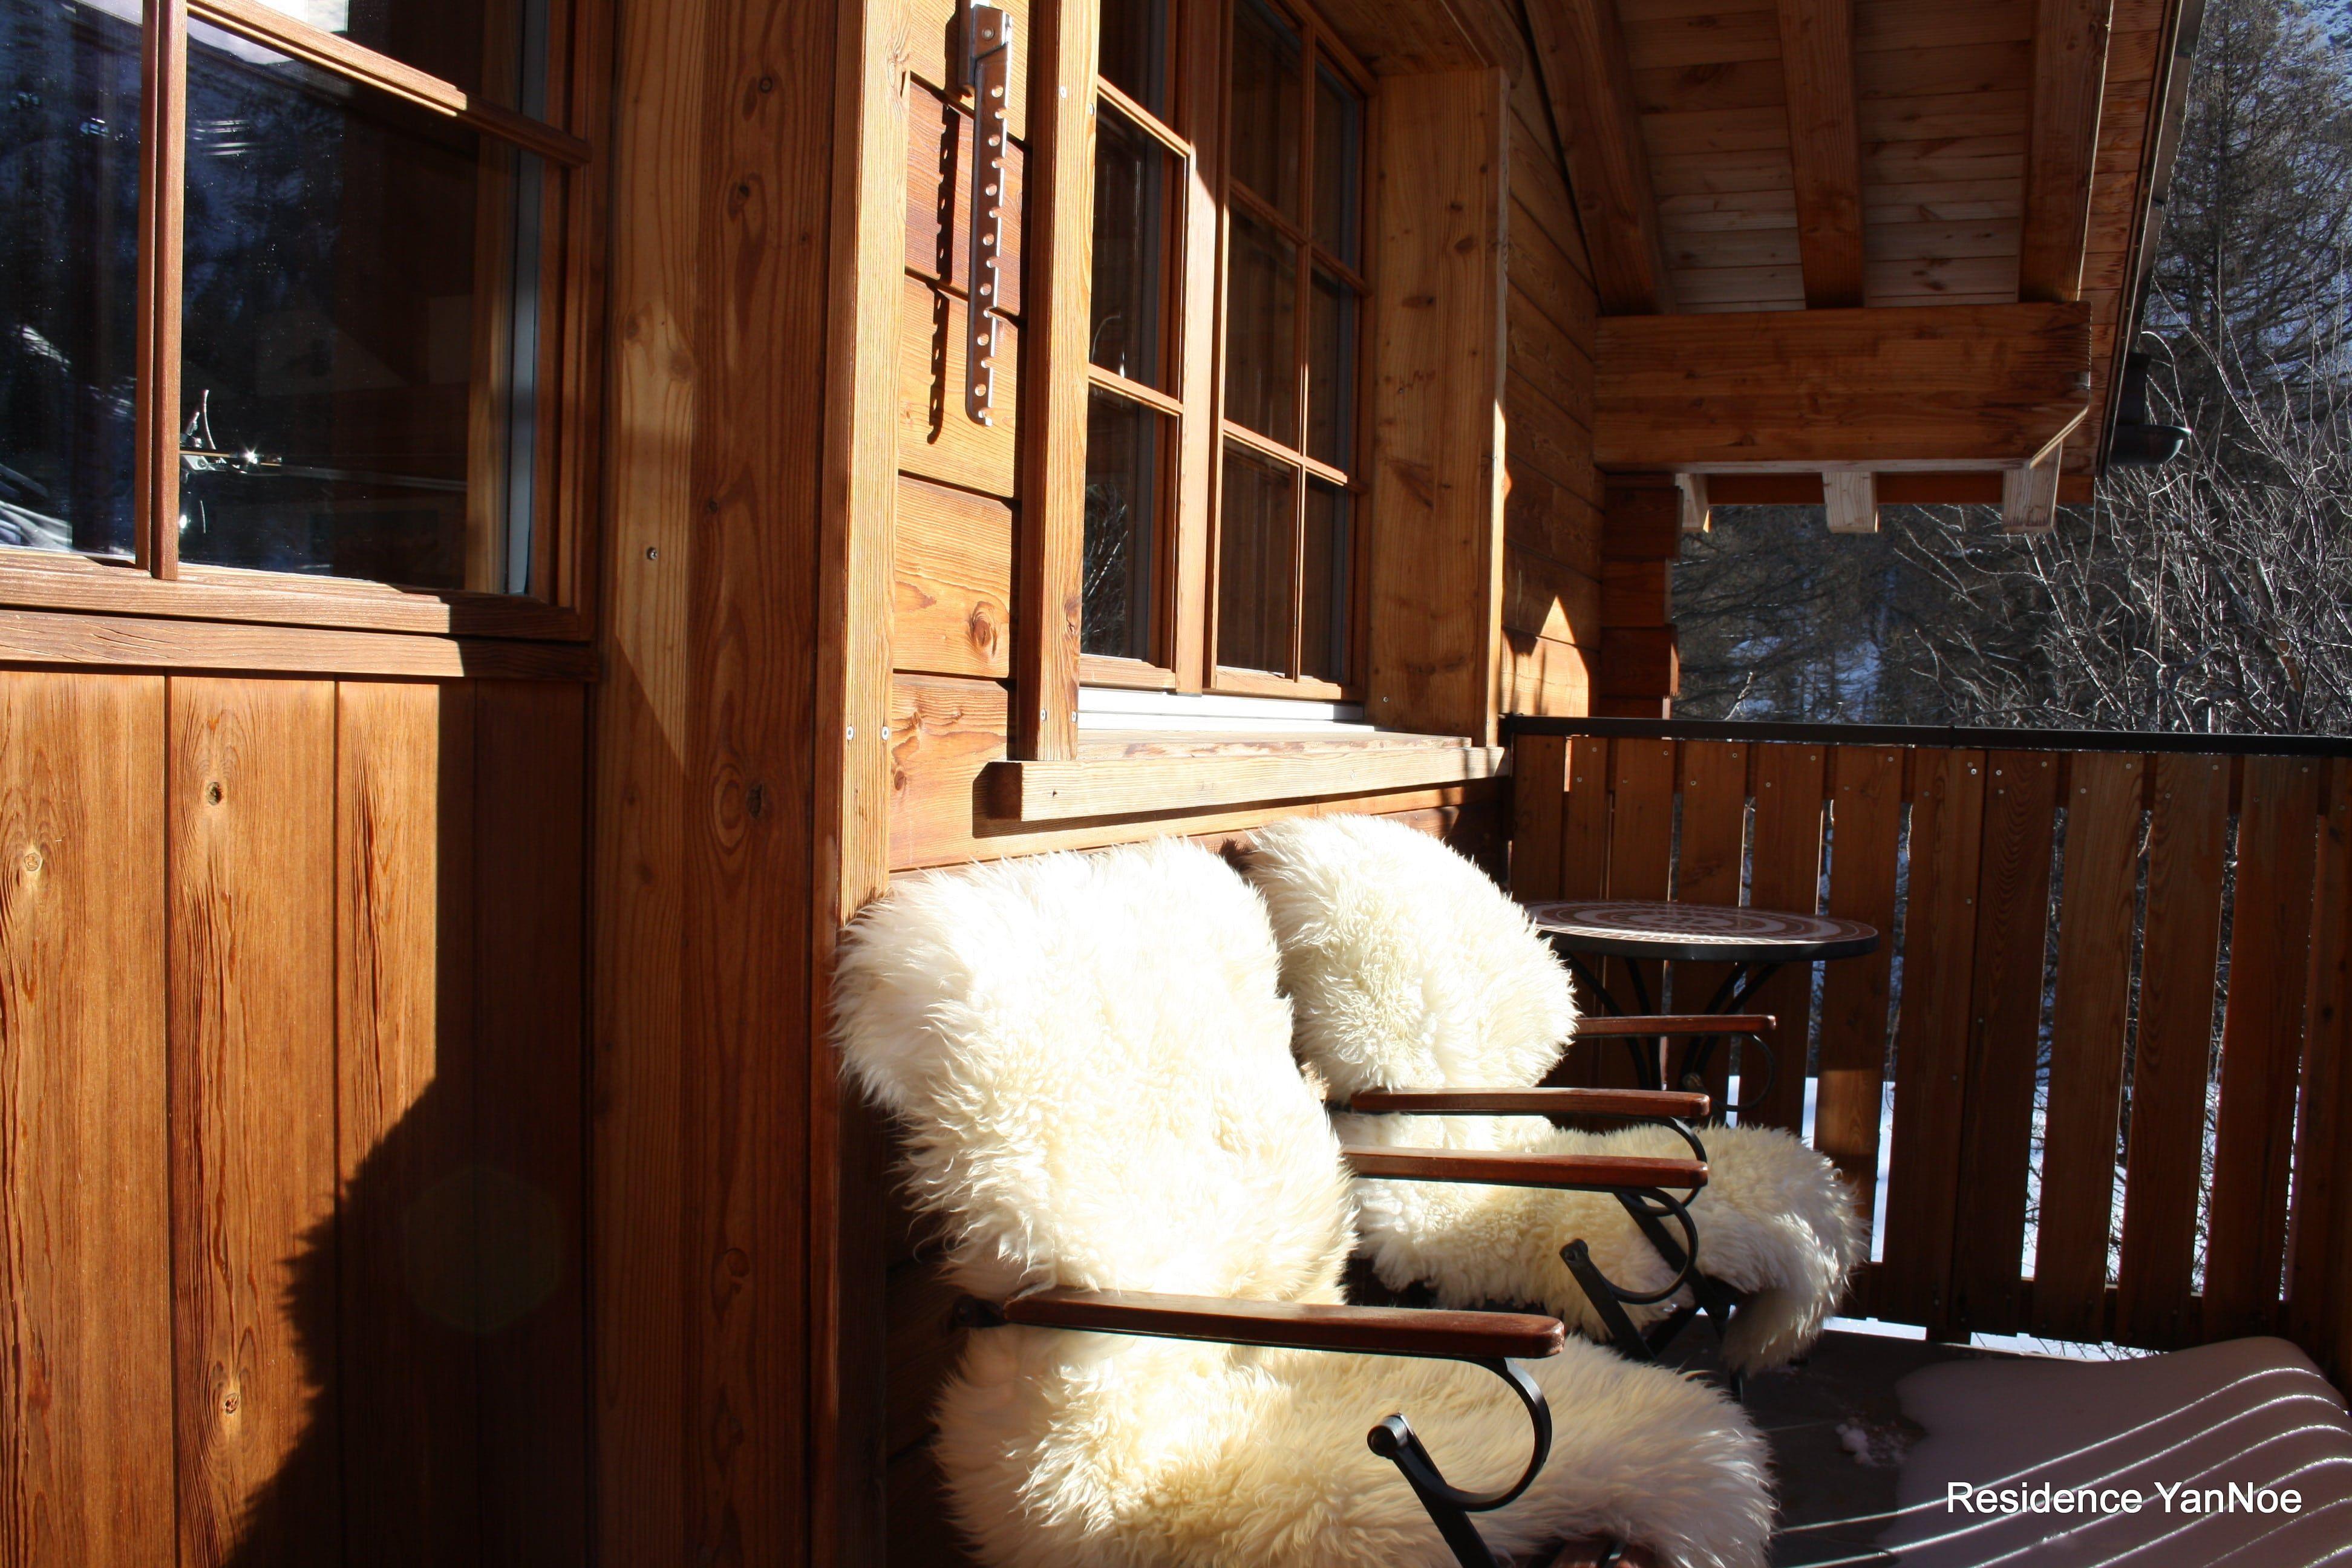 Chalet Hinter dem Rot Stei Balkon | Residence YanNoe